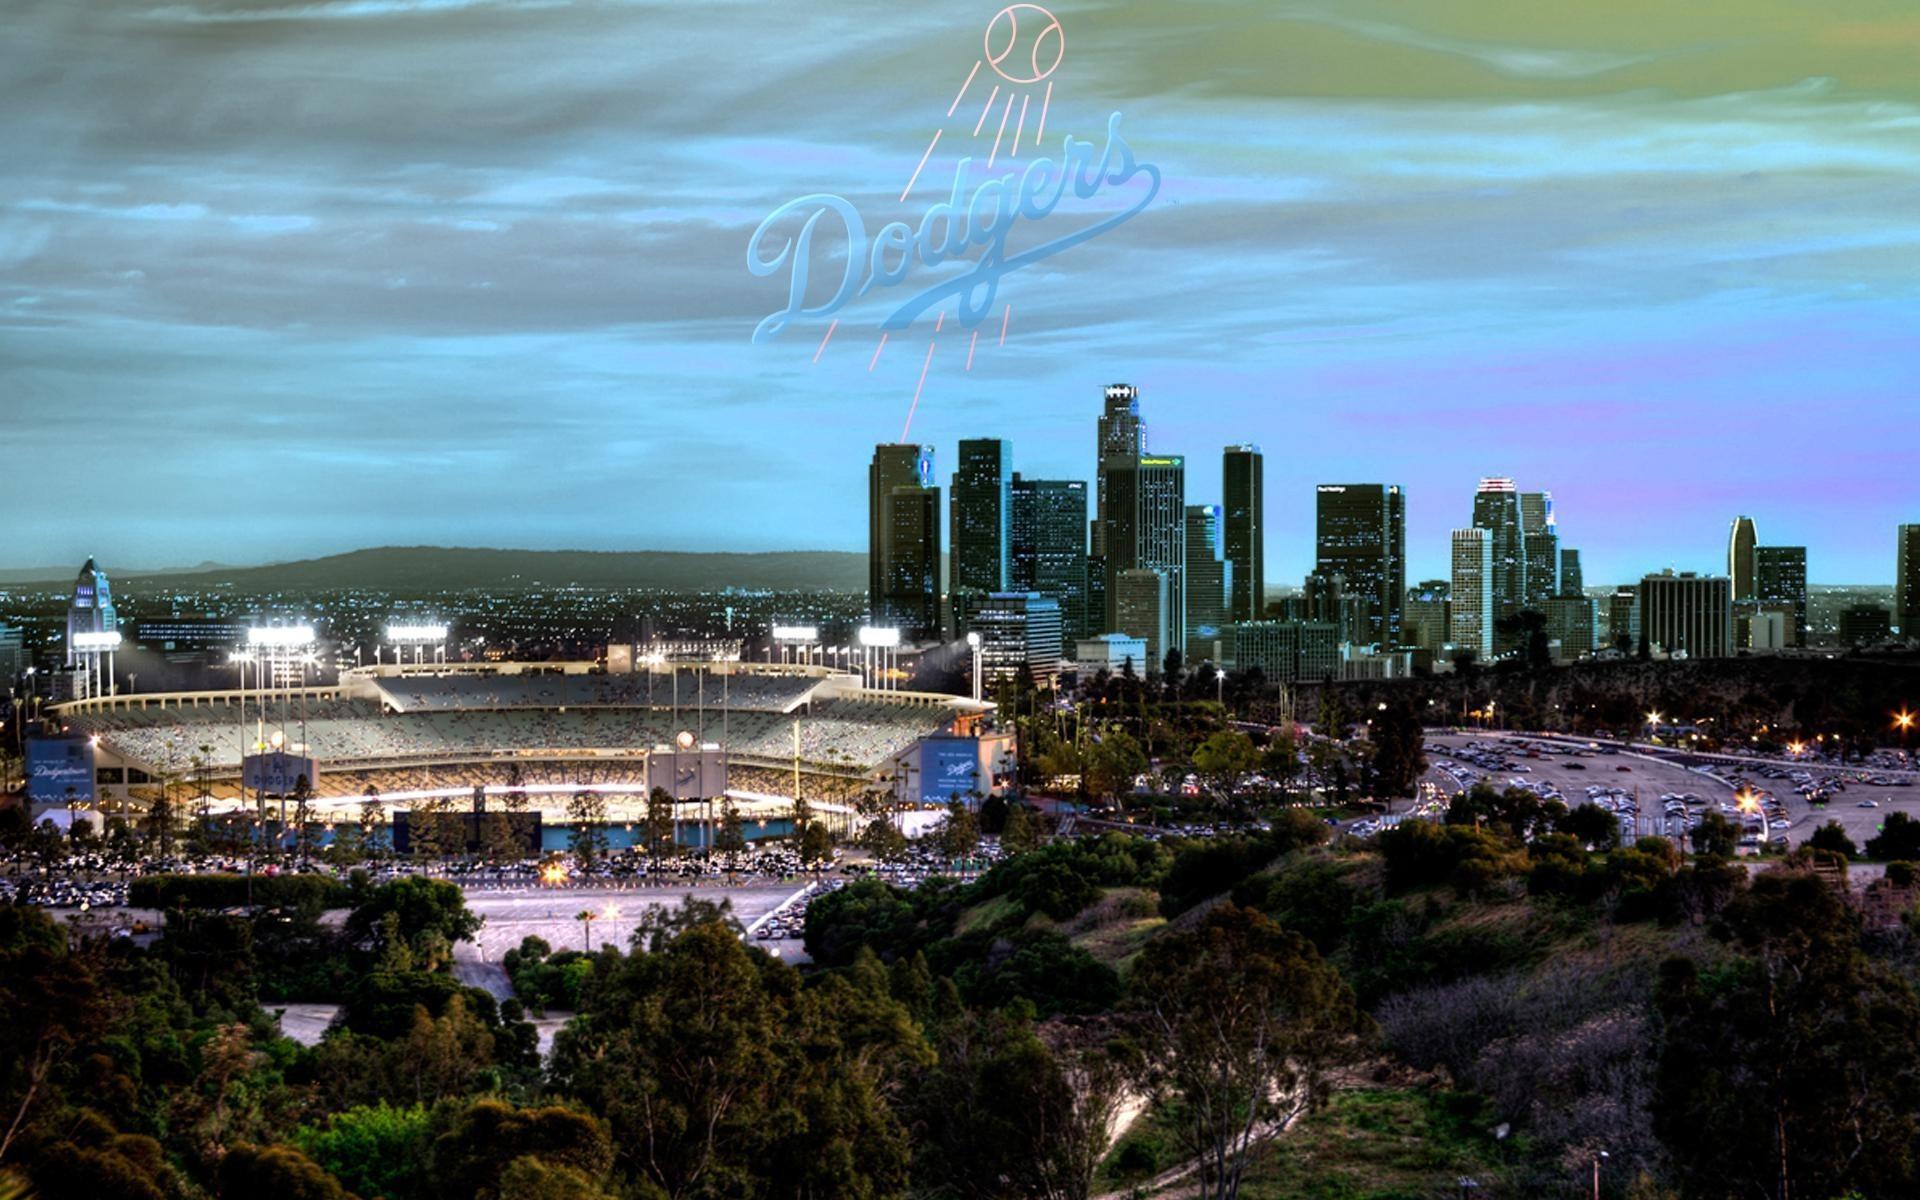 La Dodgers Iphone Wallpaper Dodger Wallpaper 183 ①